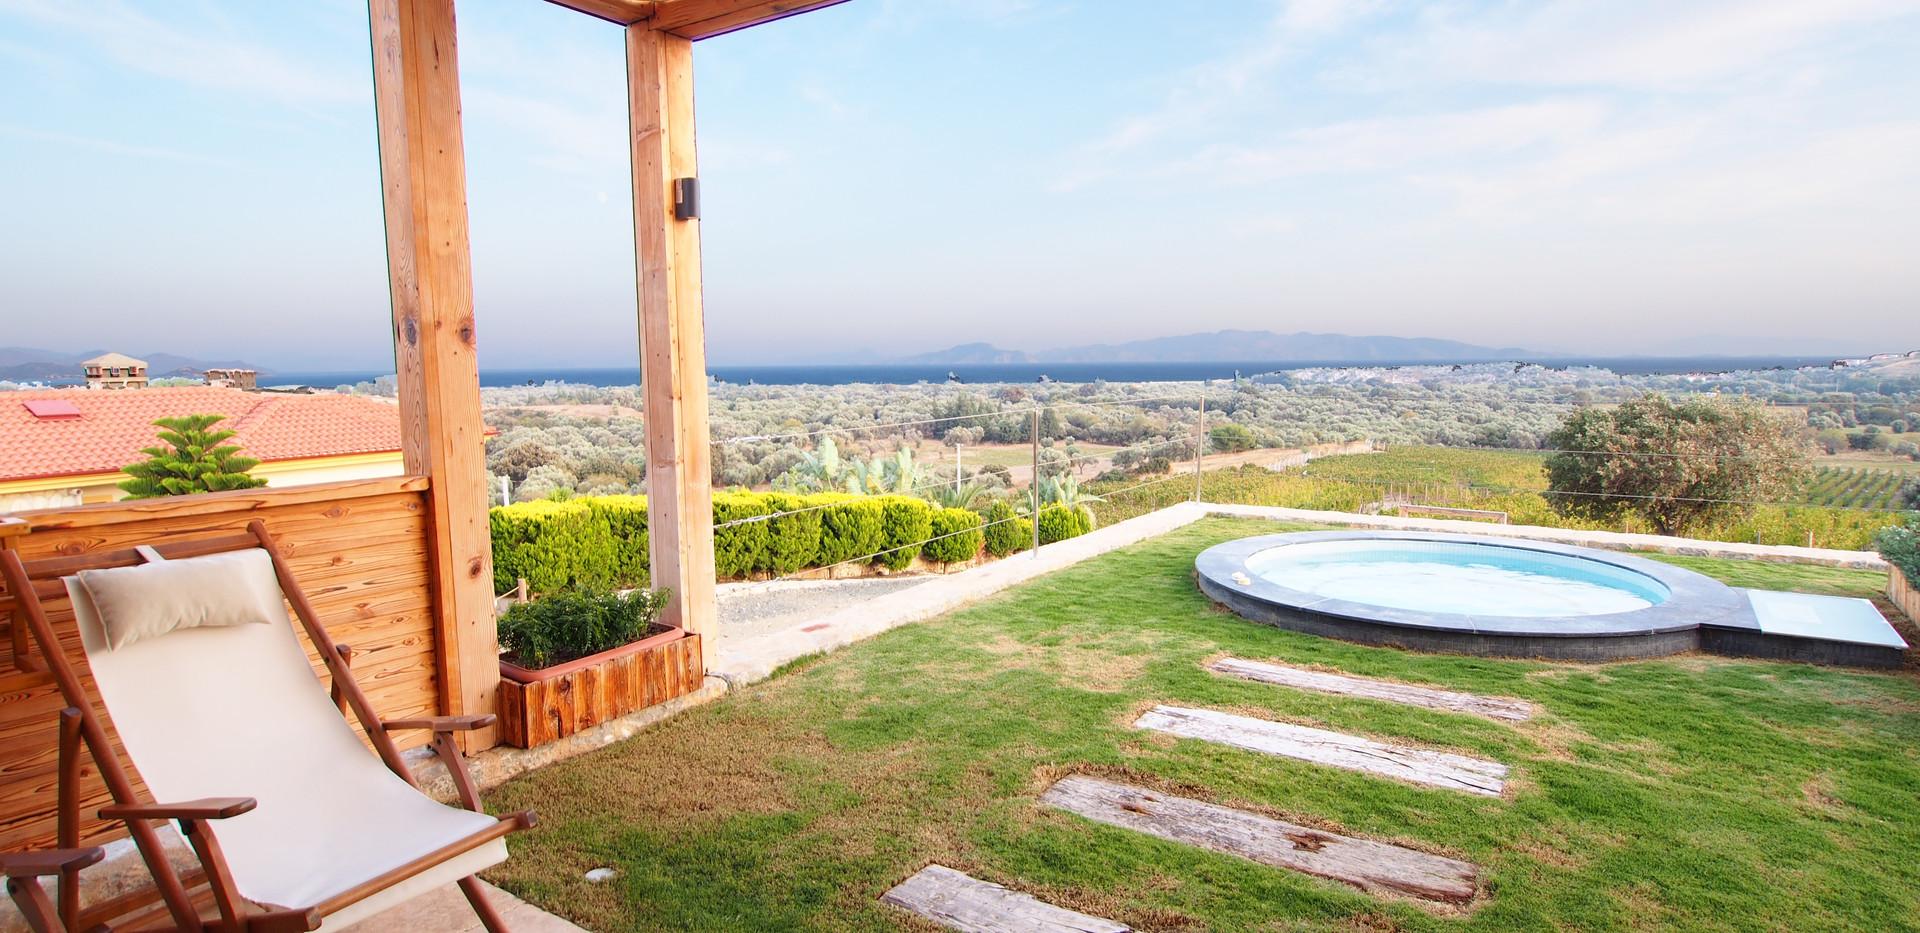 Manzara / View